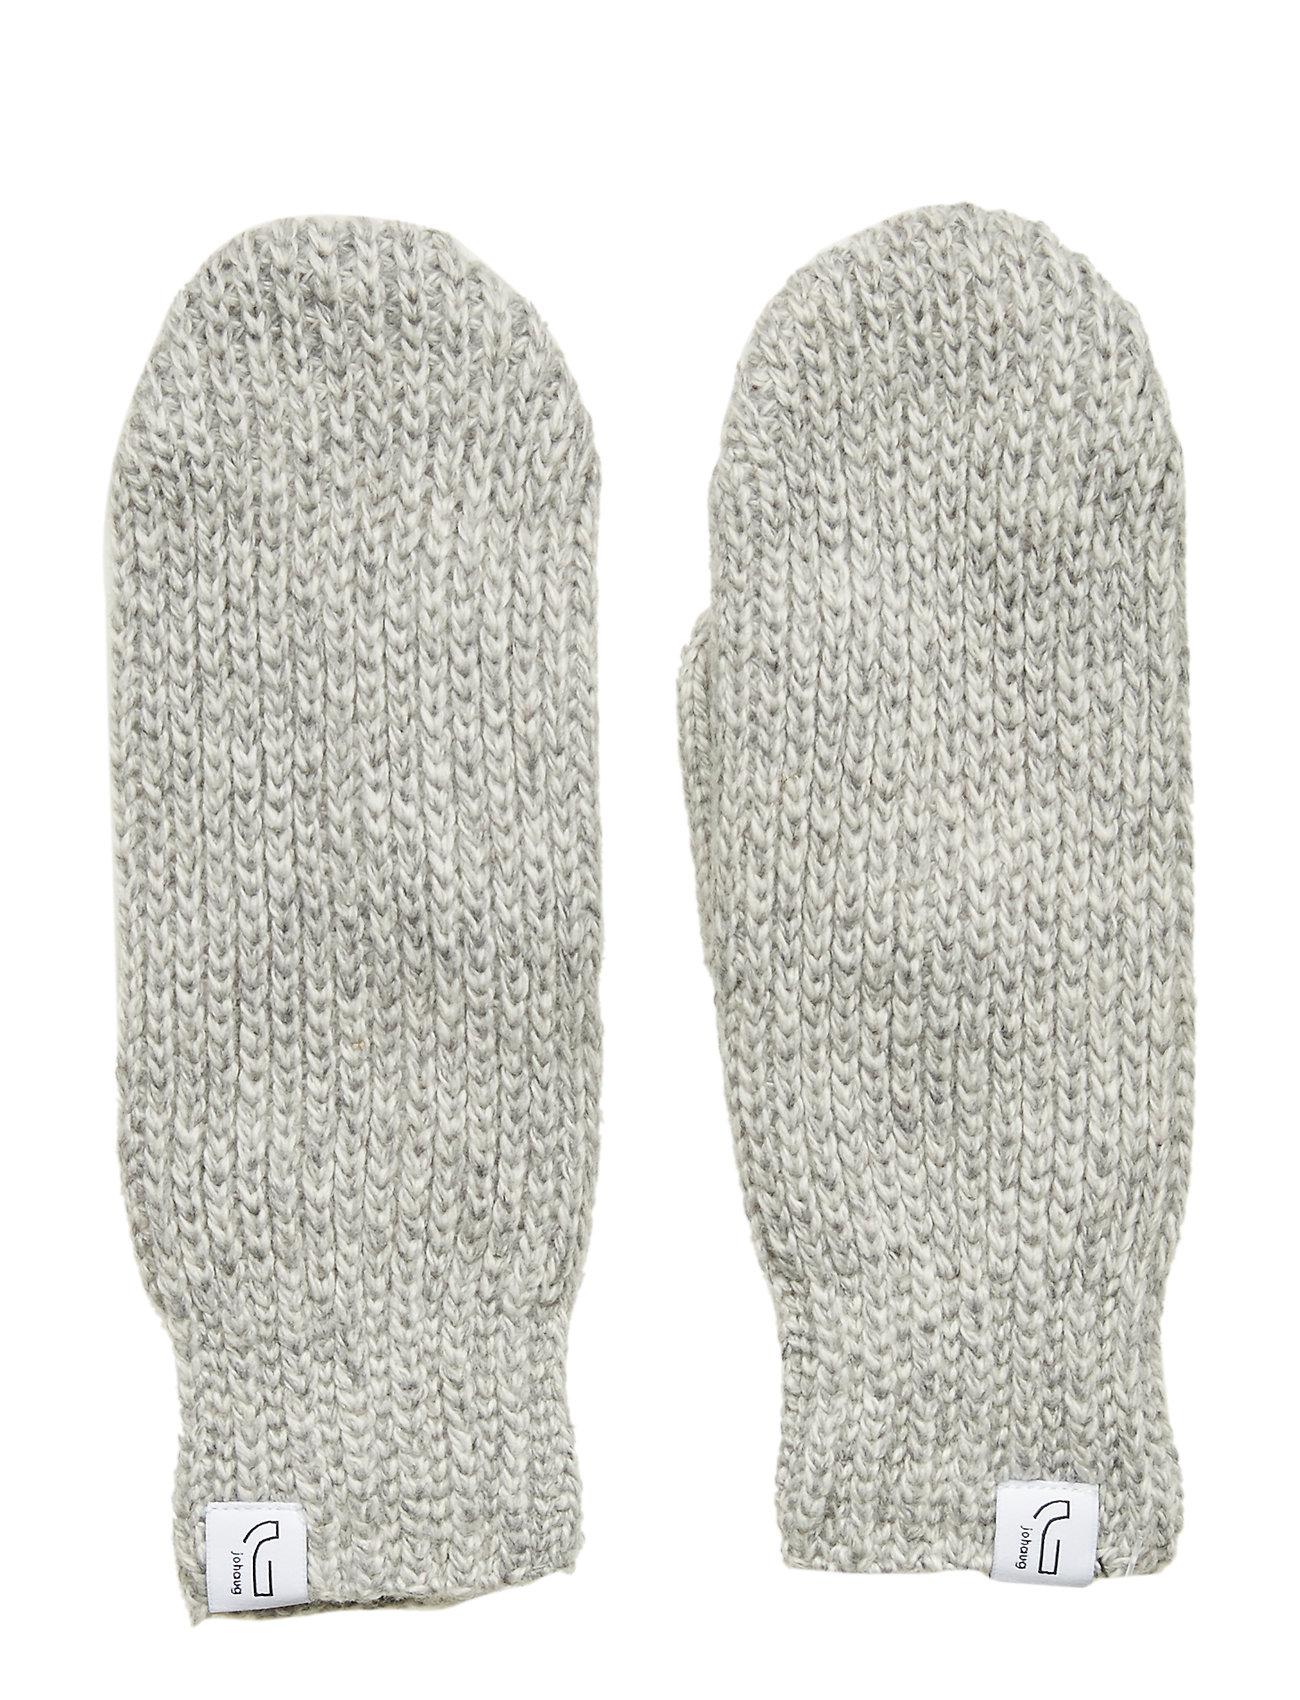 Image of Knitted Rib Mitten Handsker Grå Johaug (3484435445)